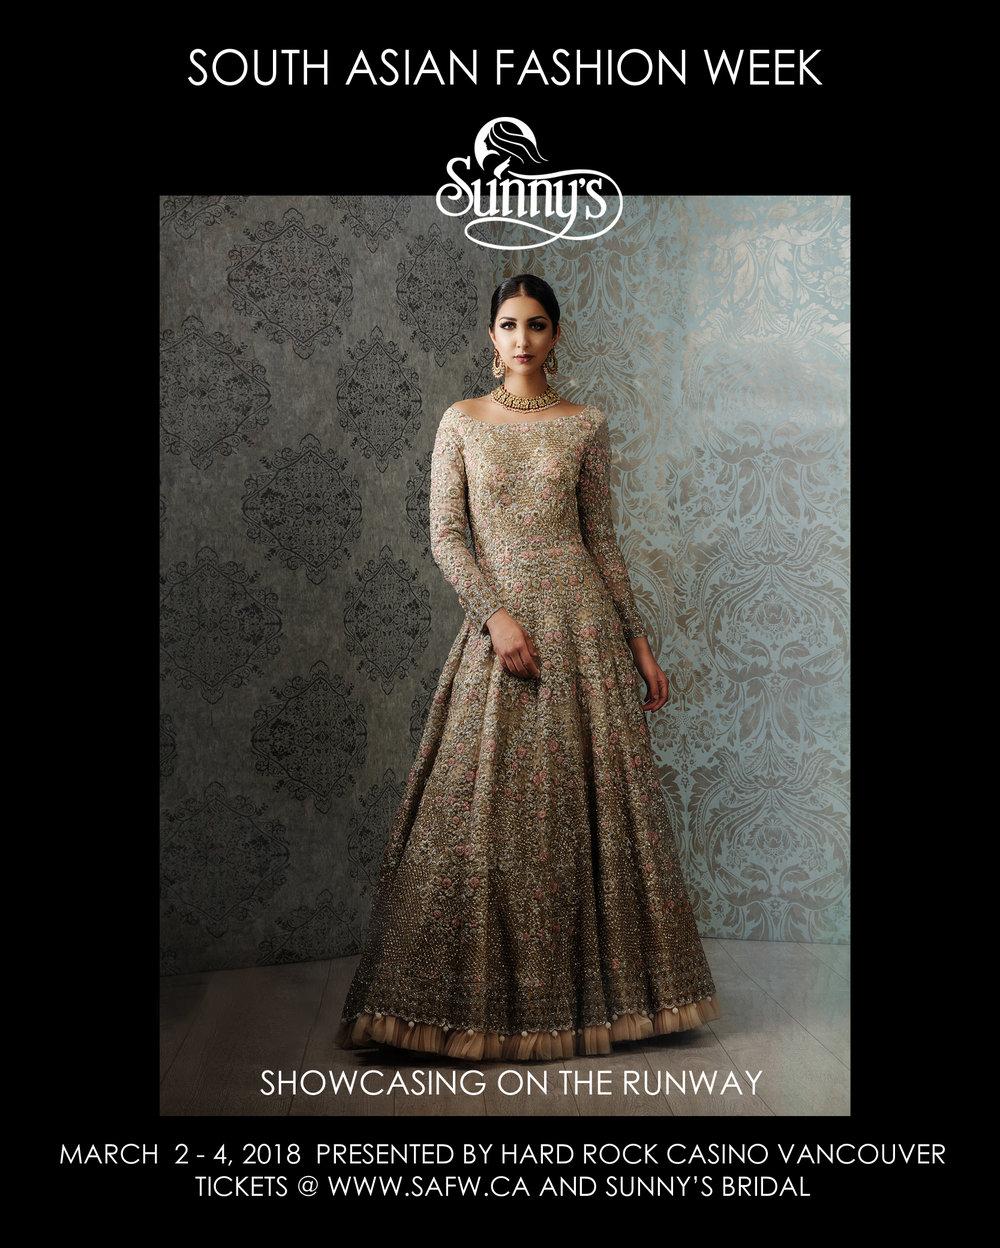 Sunny's Bridal